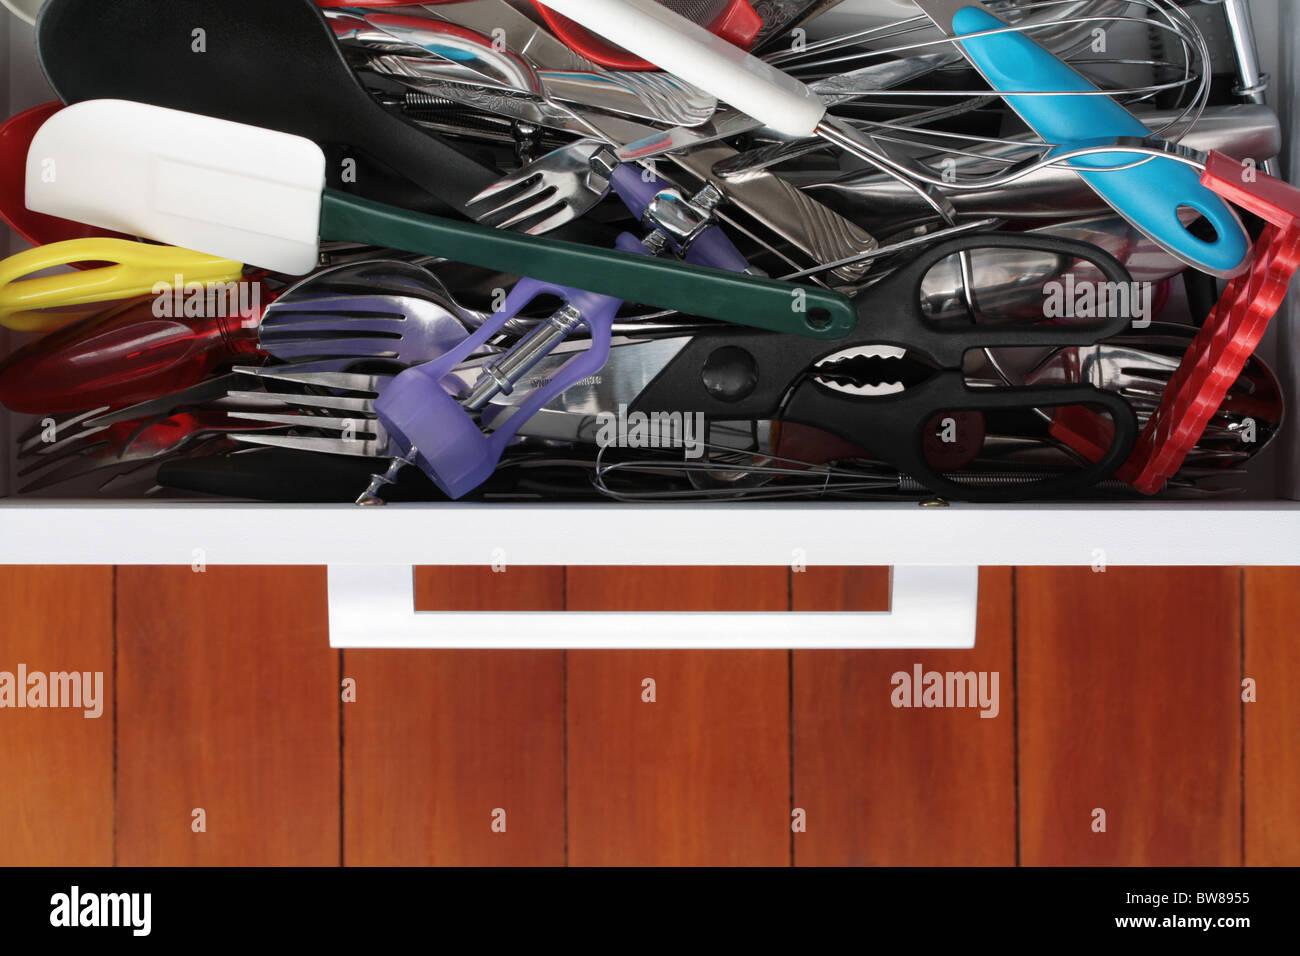 Kitchen Drawer Crammed full of Utensils - Stock Image